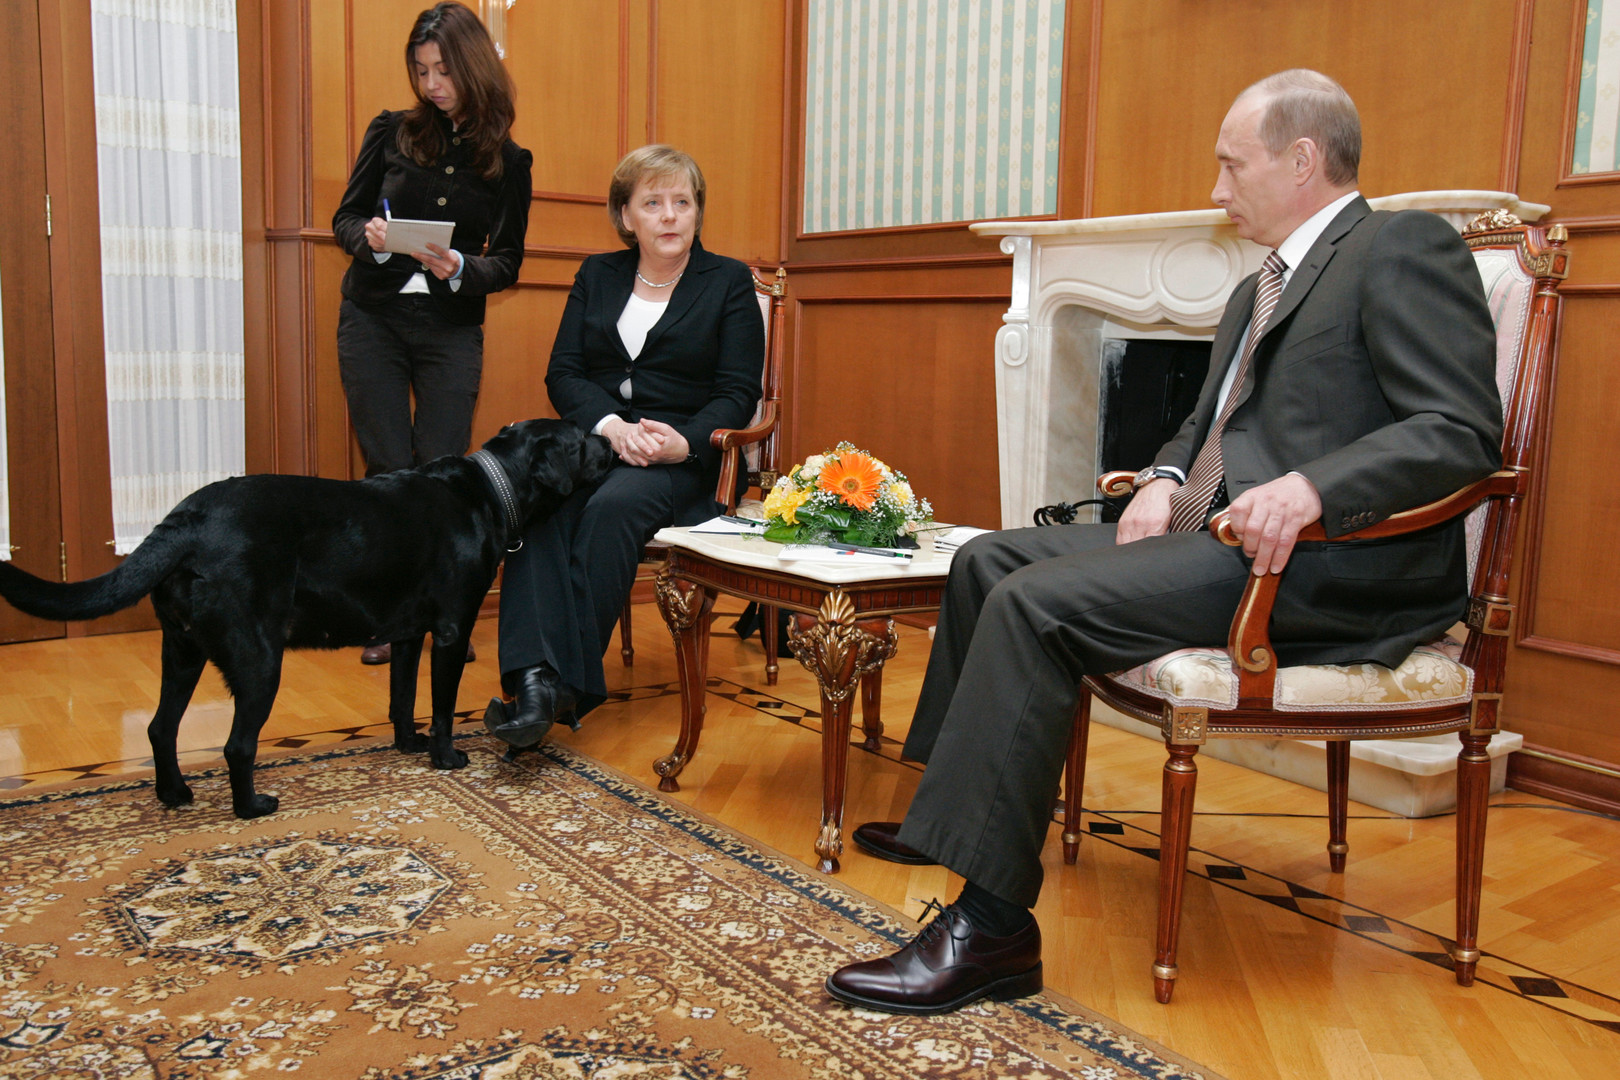 Poutine évoque l'aide occidentale aux terroristes, l'avenir de l'économie et la phobie de Merkel